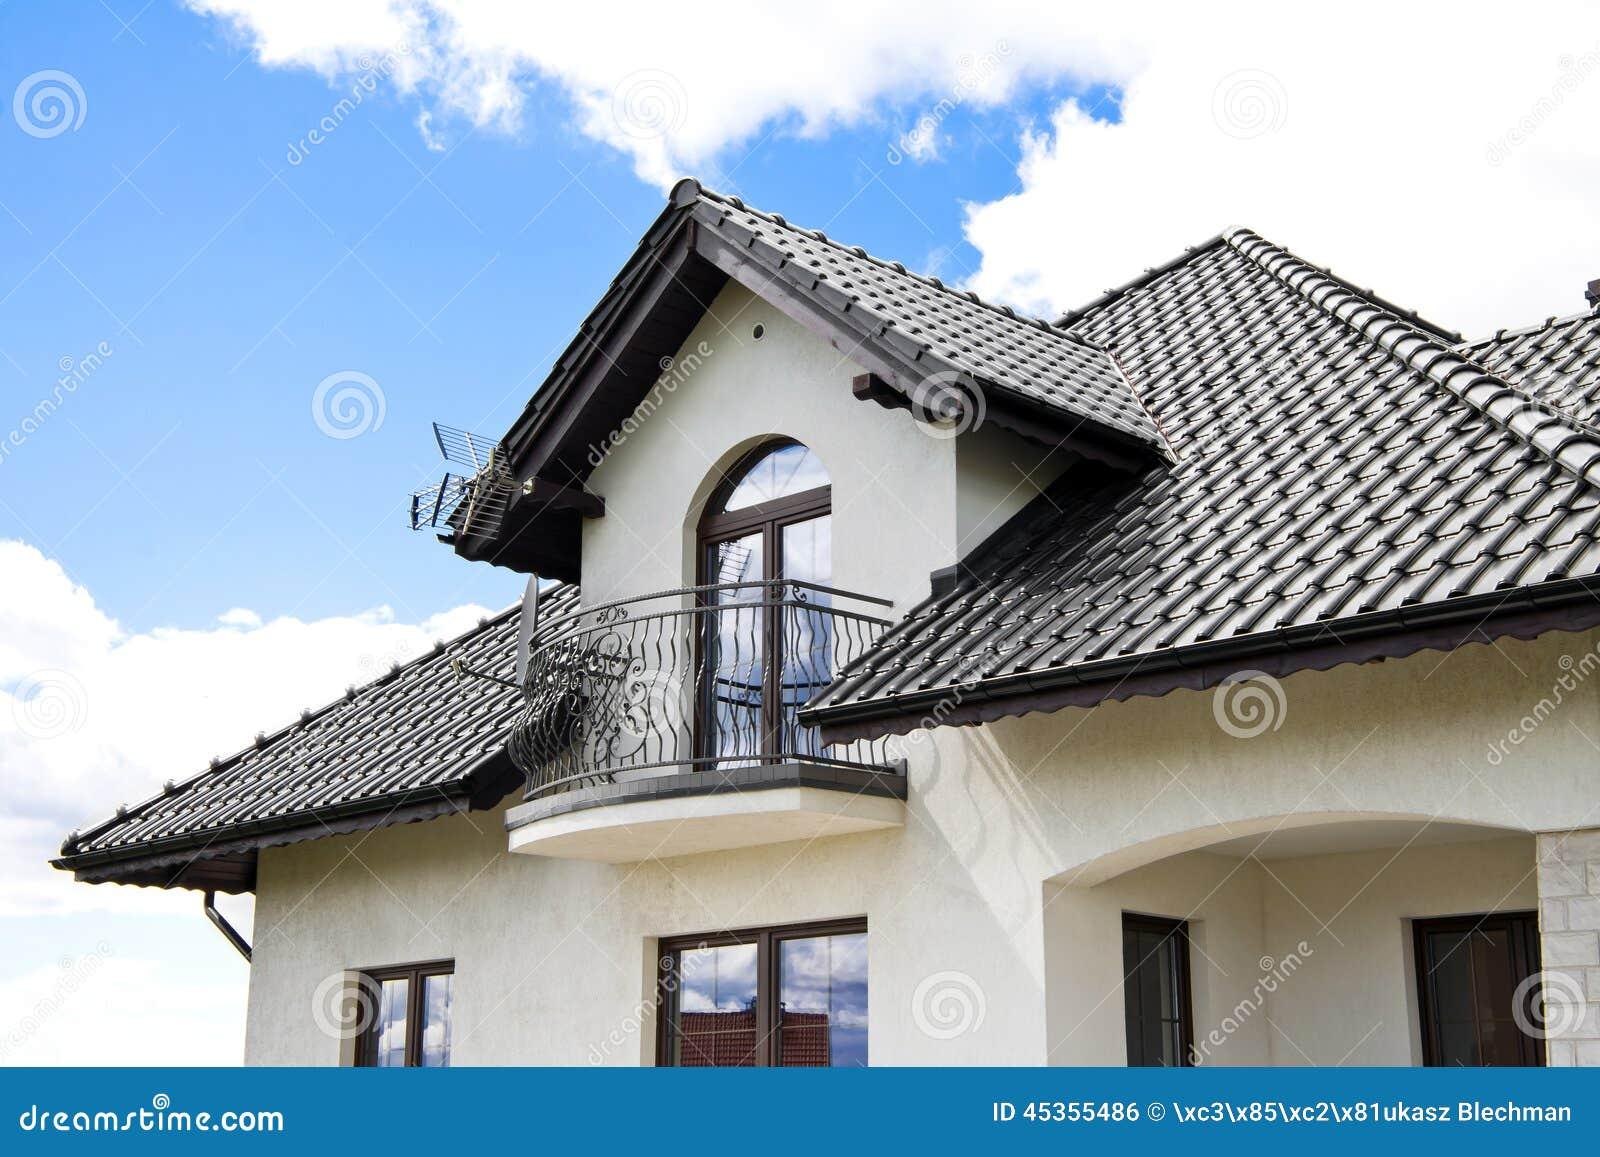 有一个现代屋顶的议院-大厦概念.图片